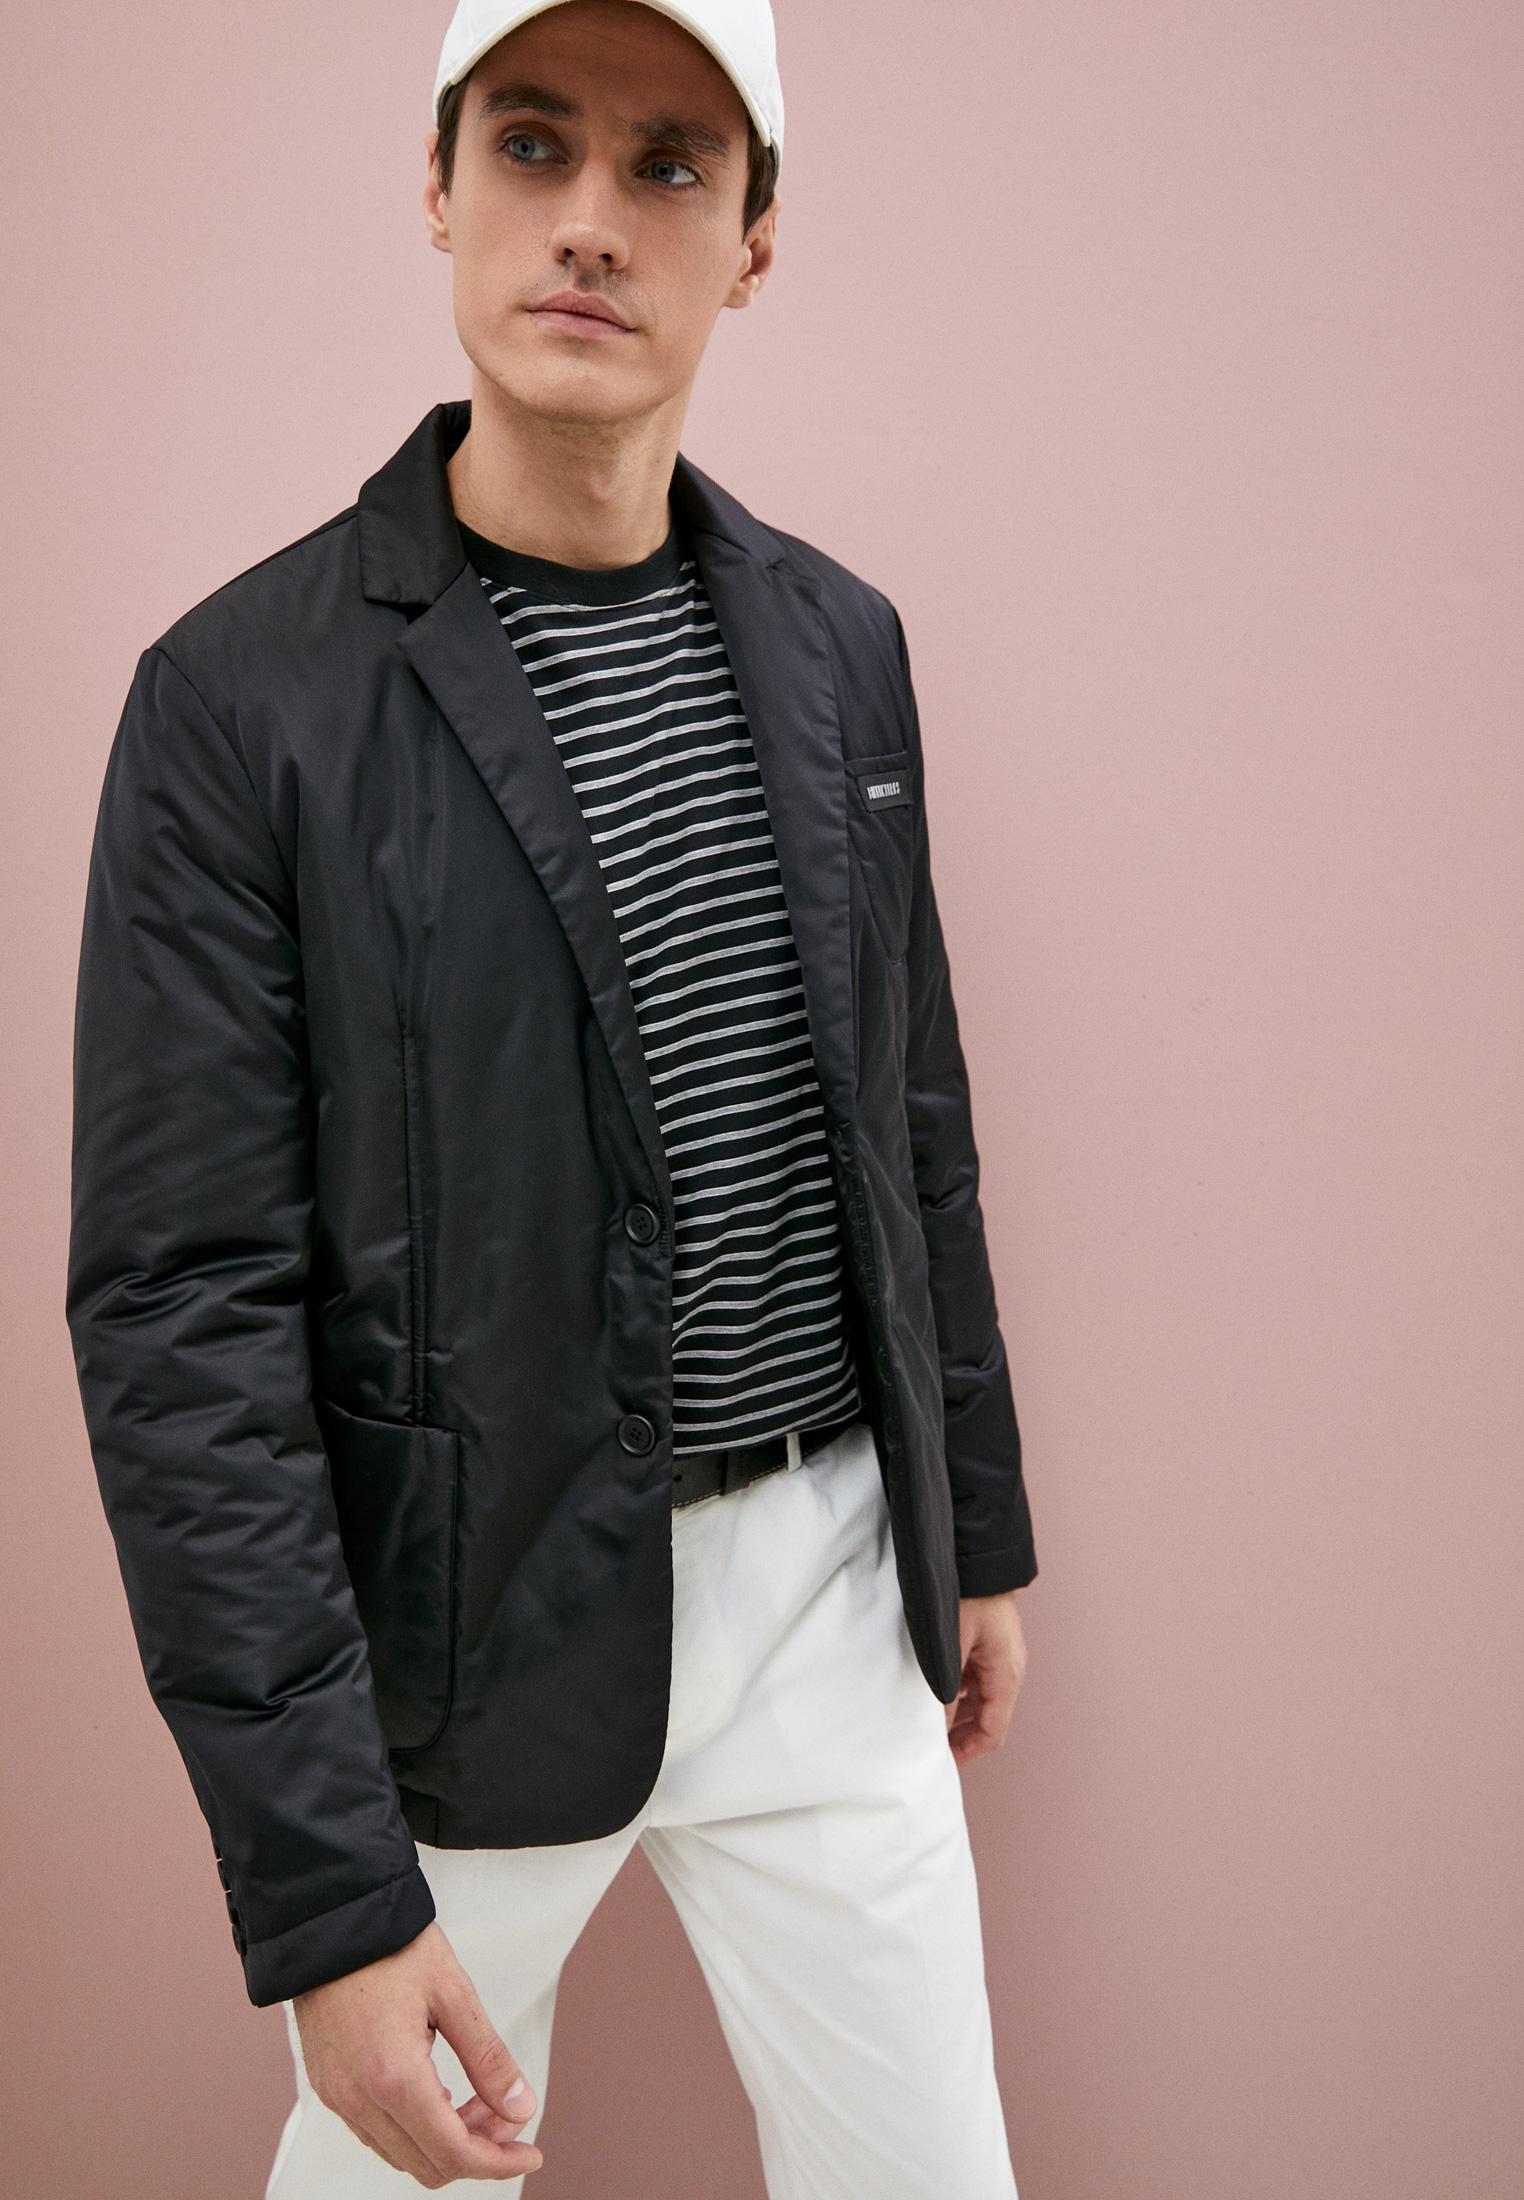 Мужская куртка Bikkembergs (Биккембергс) C I 034 00 T 014A: изображение 2